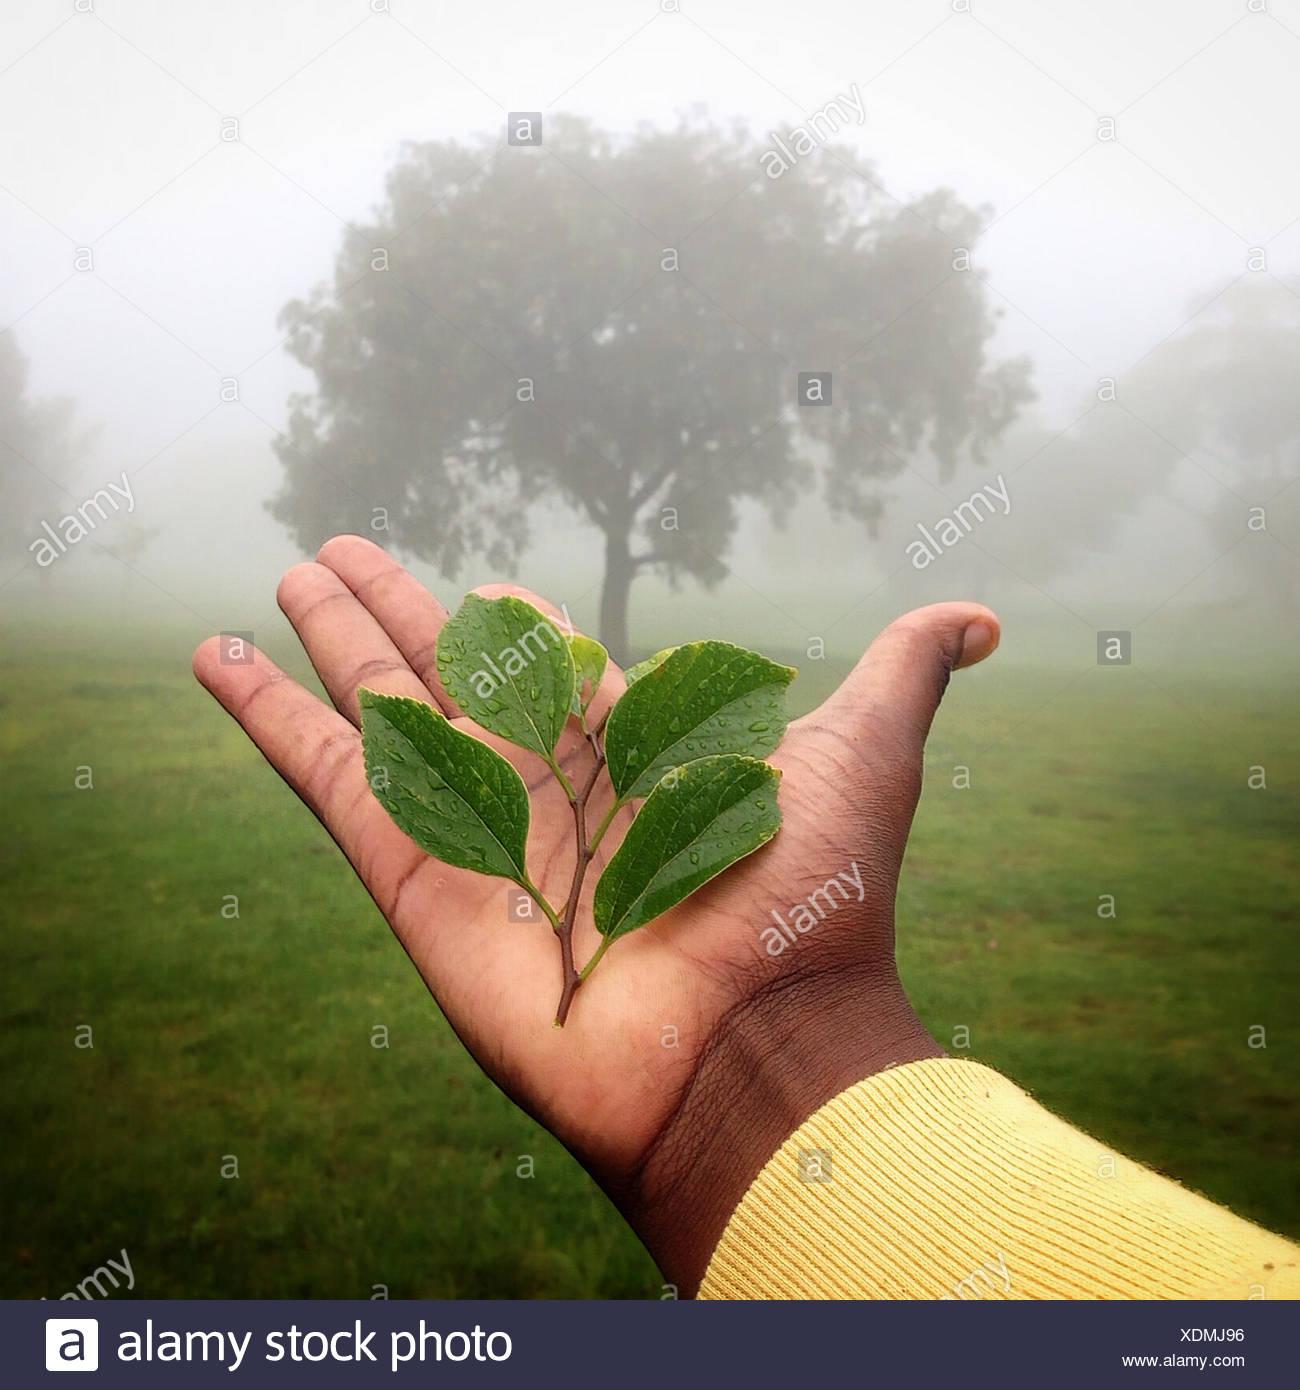 Mano umana tenendo la pianta con albero in background, Gauteng, Johannesburg, Sud Africa Foto Stock